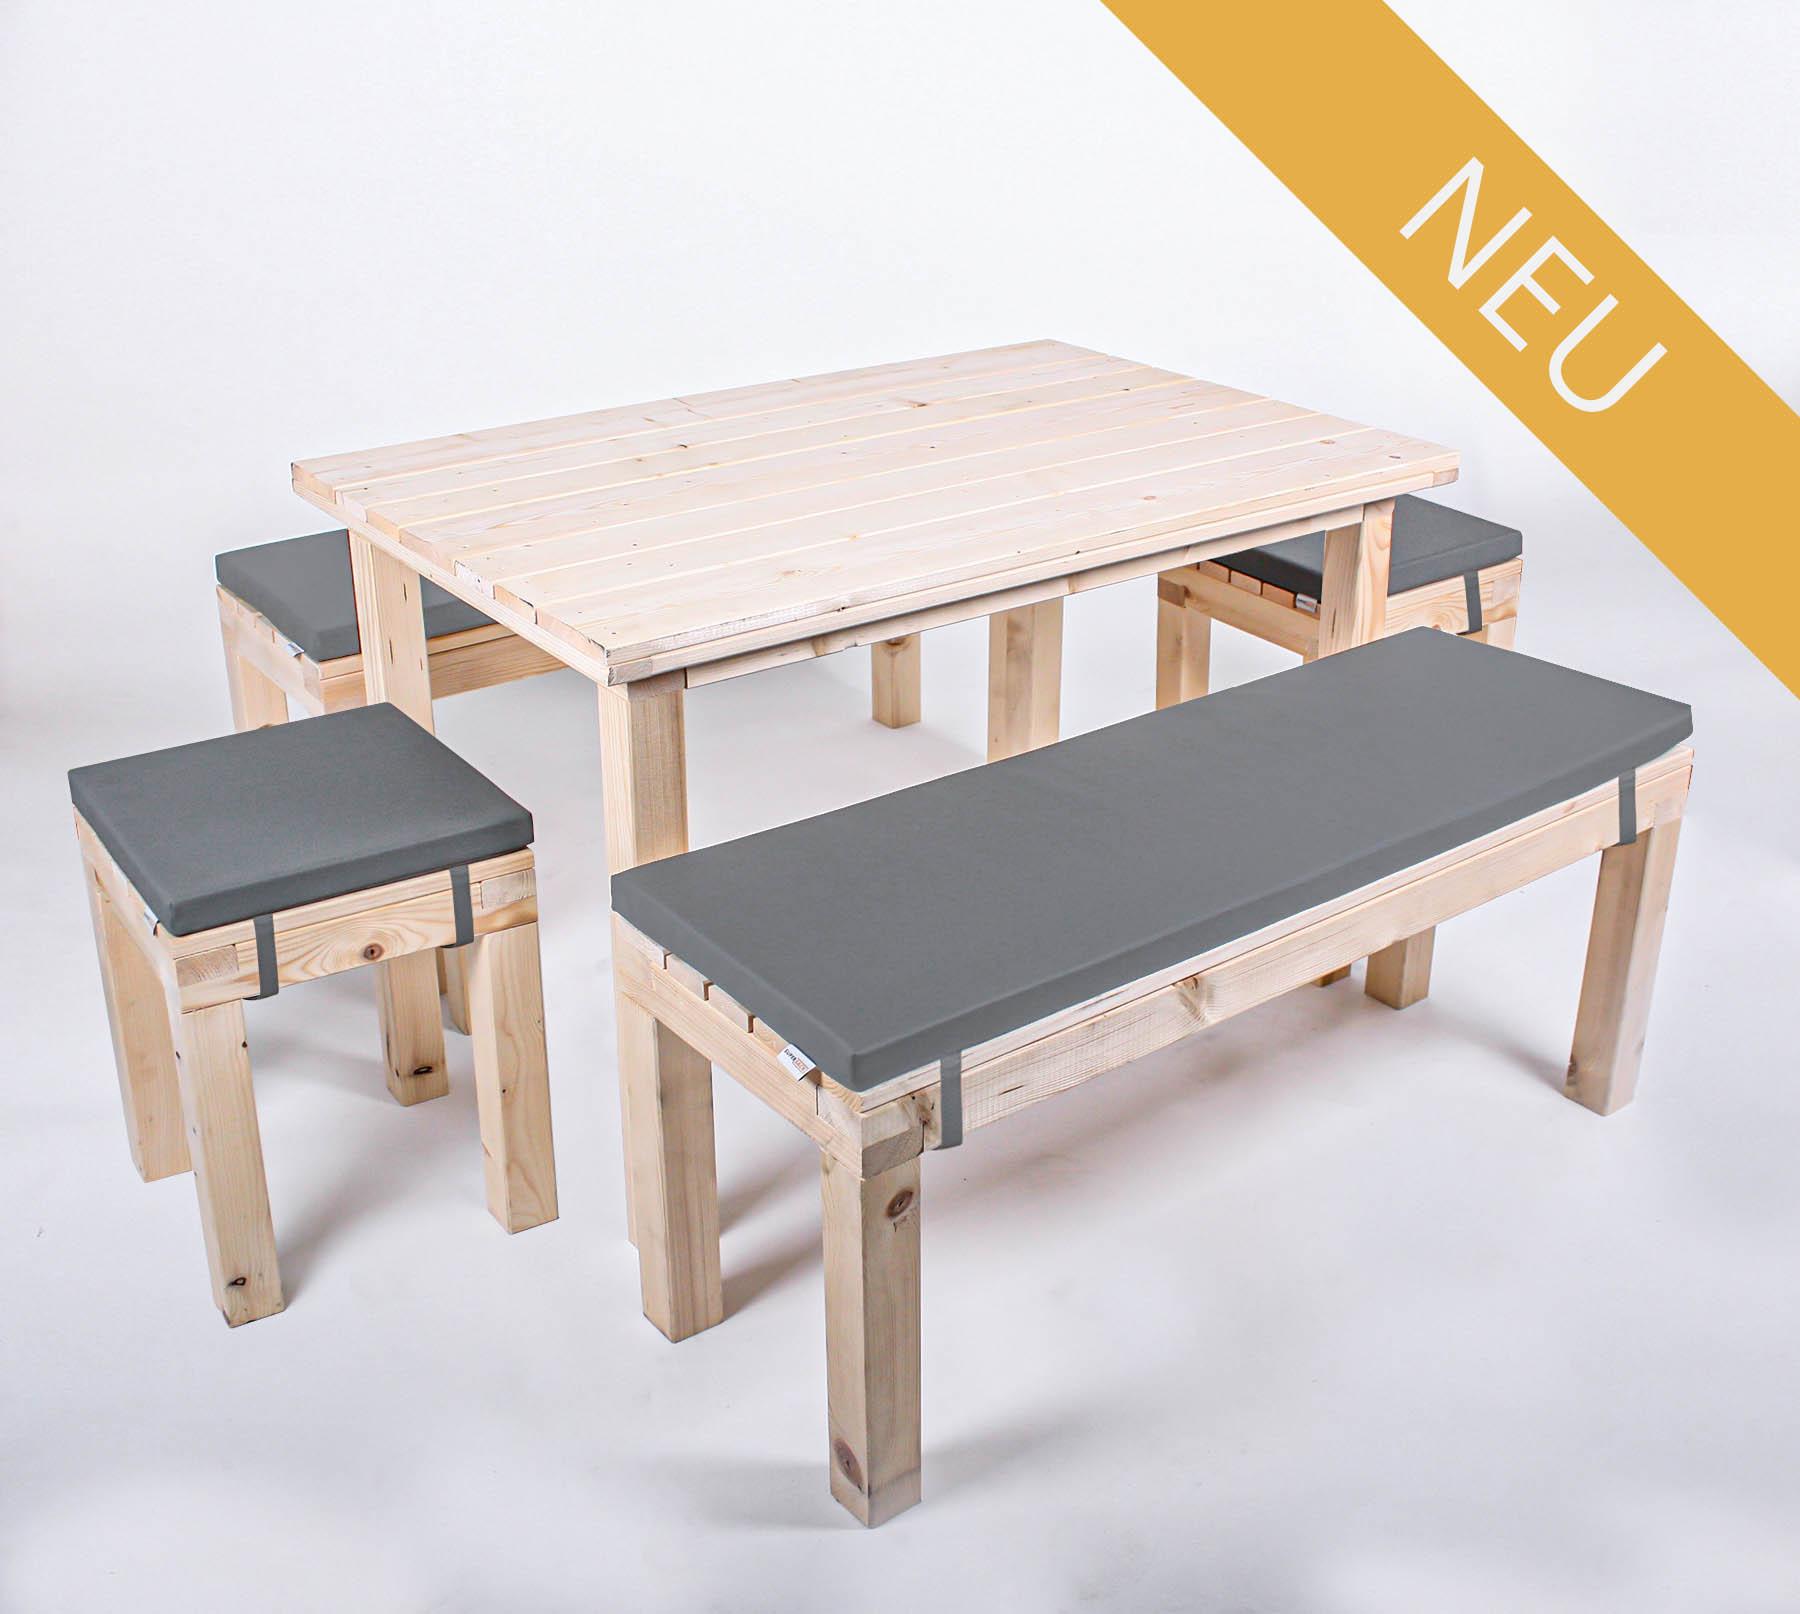 Sitzgarnitur KOMFORT 8 Personen Tisch 120 cm